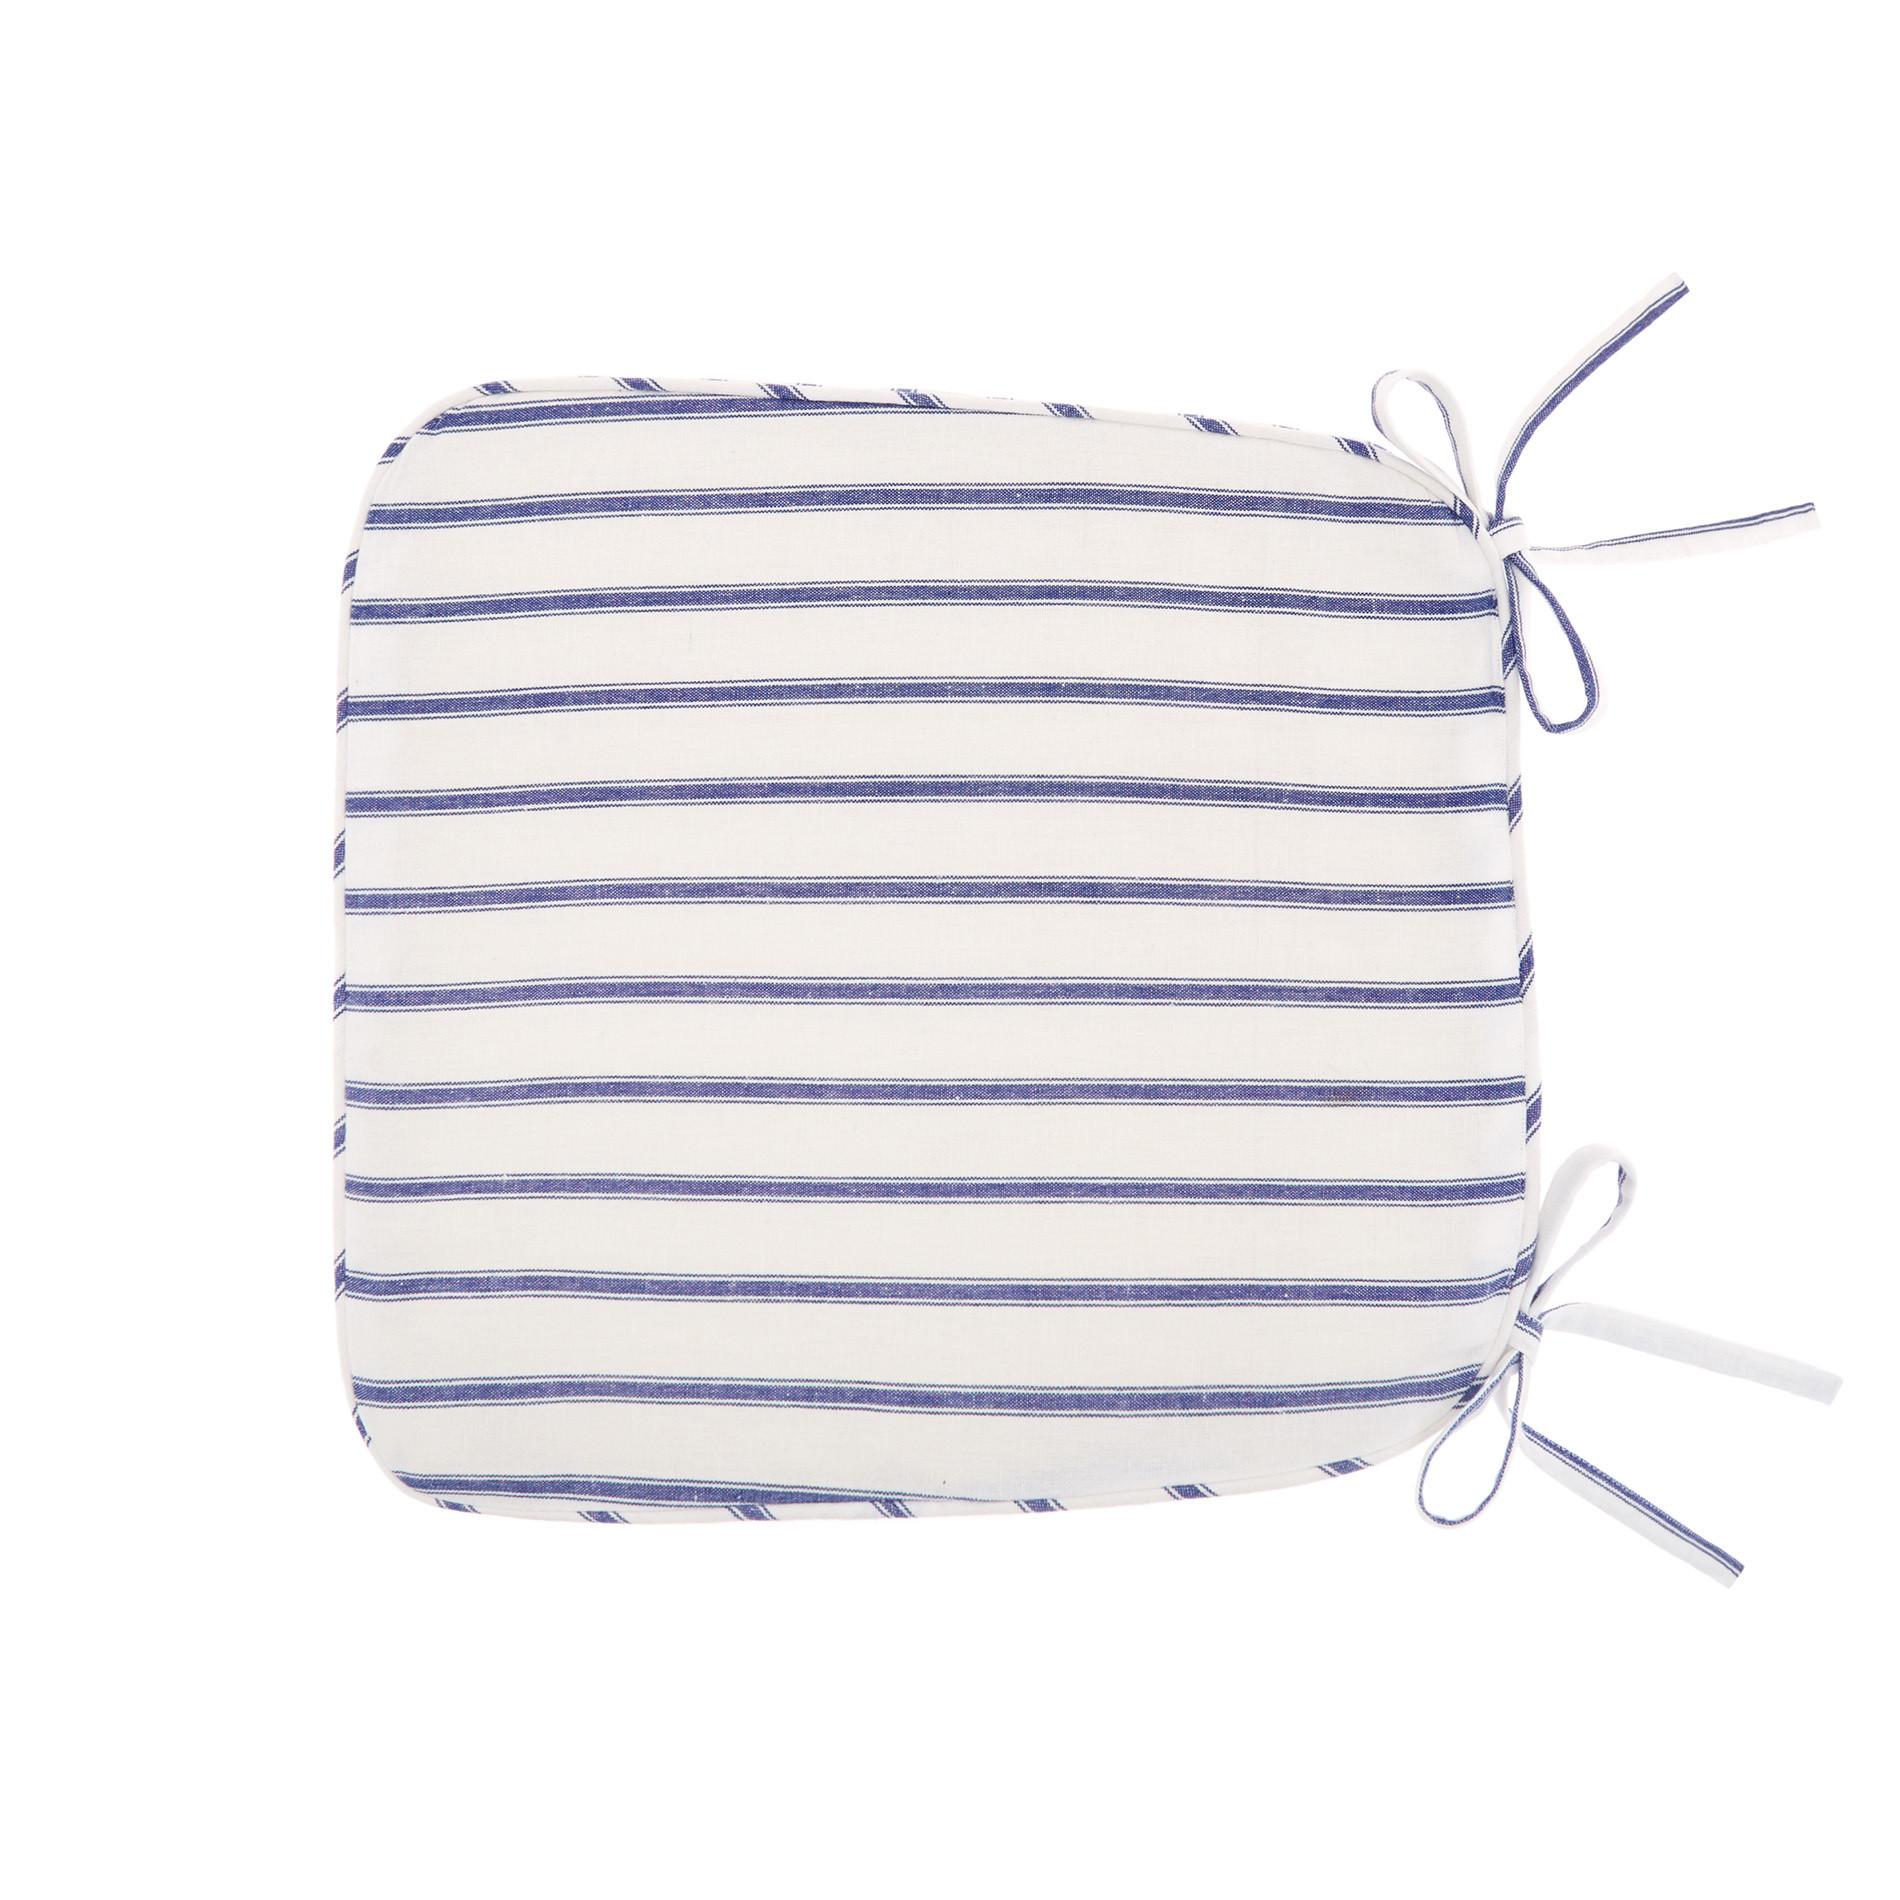 Cuscino da cucina puro cotone a righe, Blu, large image number 0